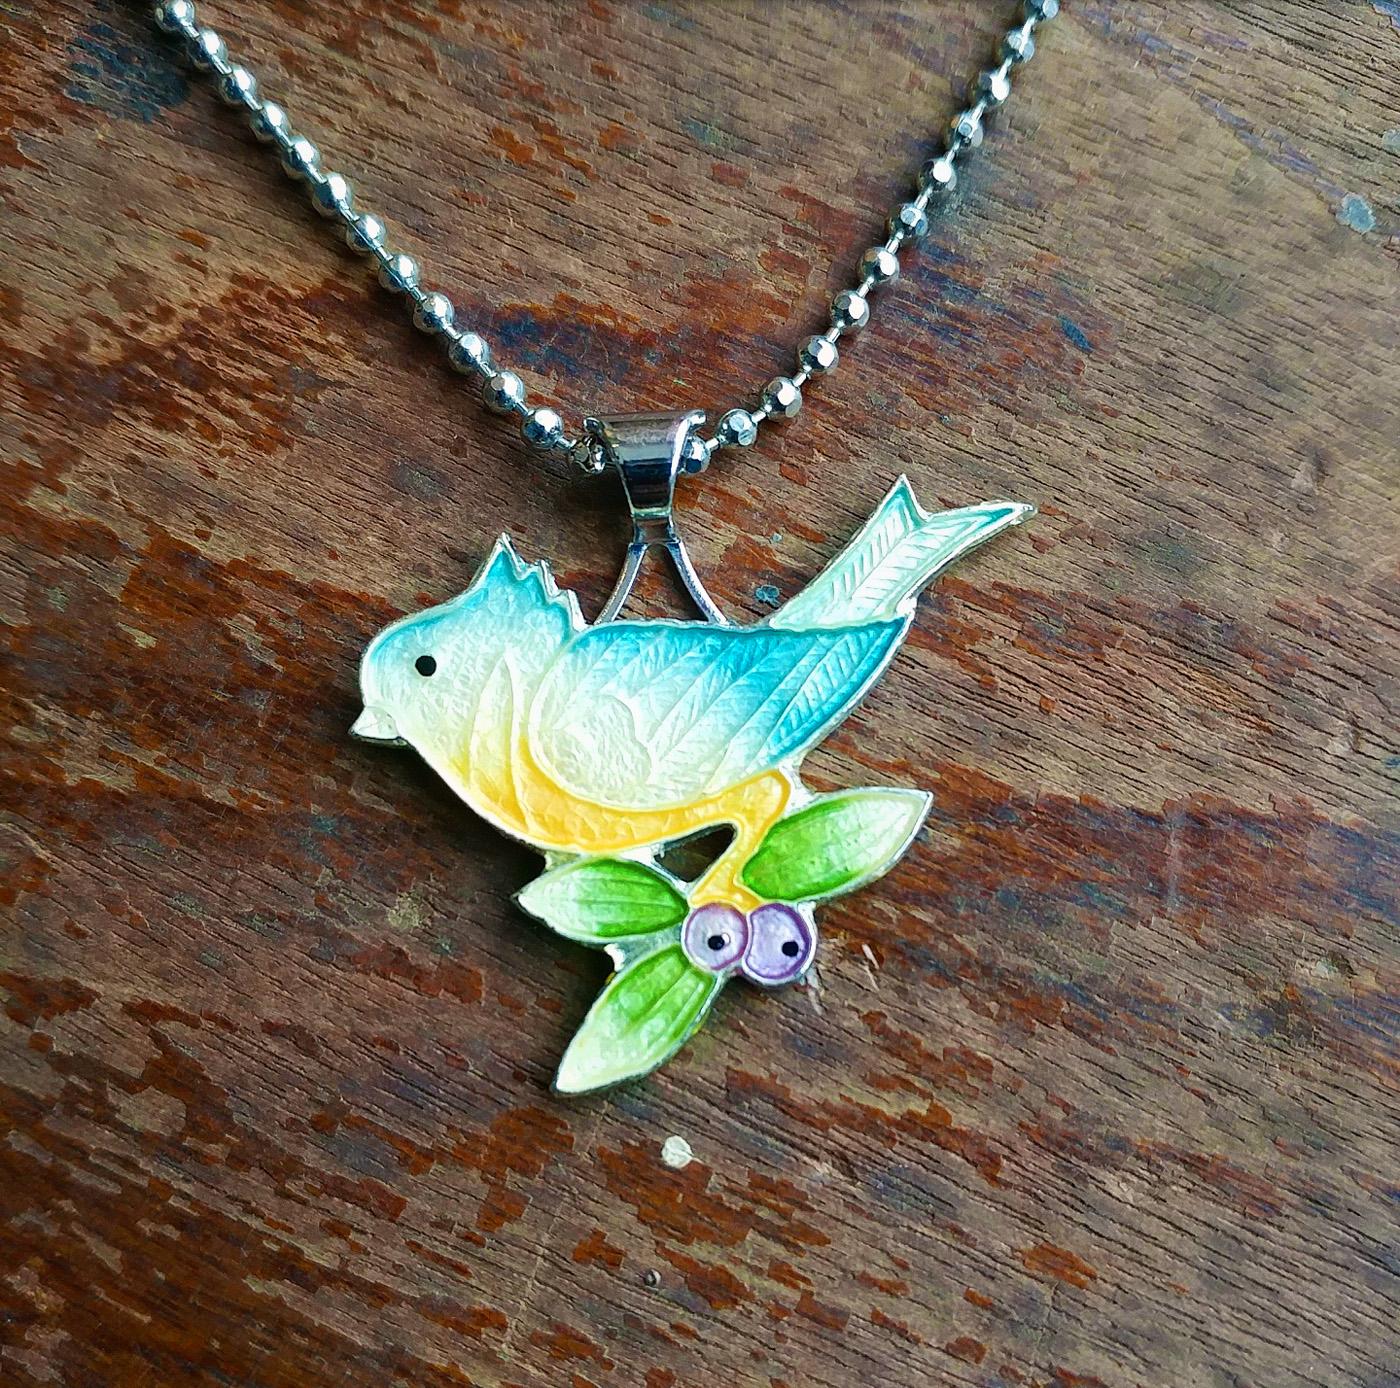 Vintage enamel bird brooch, repurposed into necklace